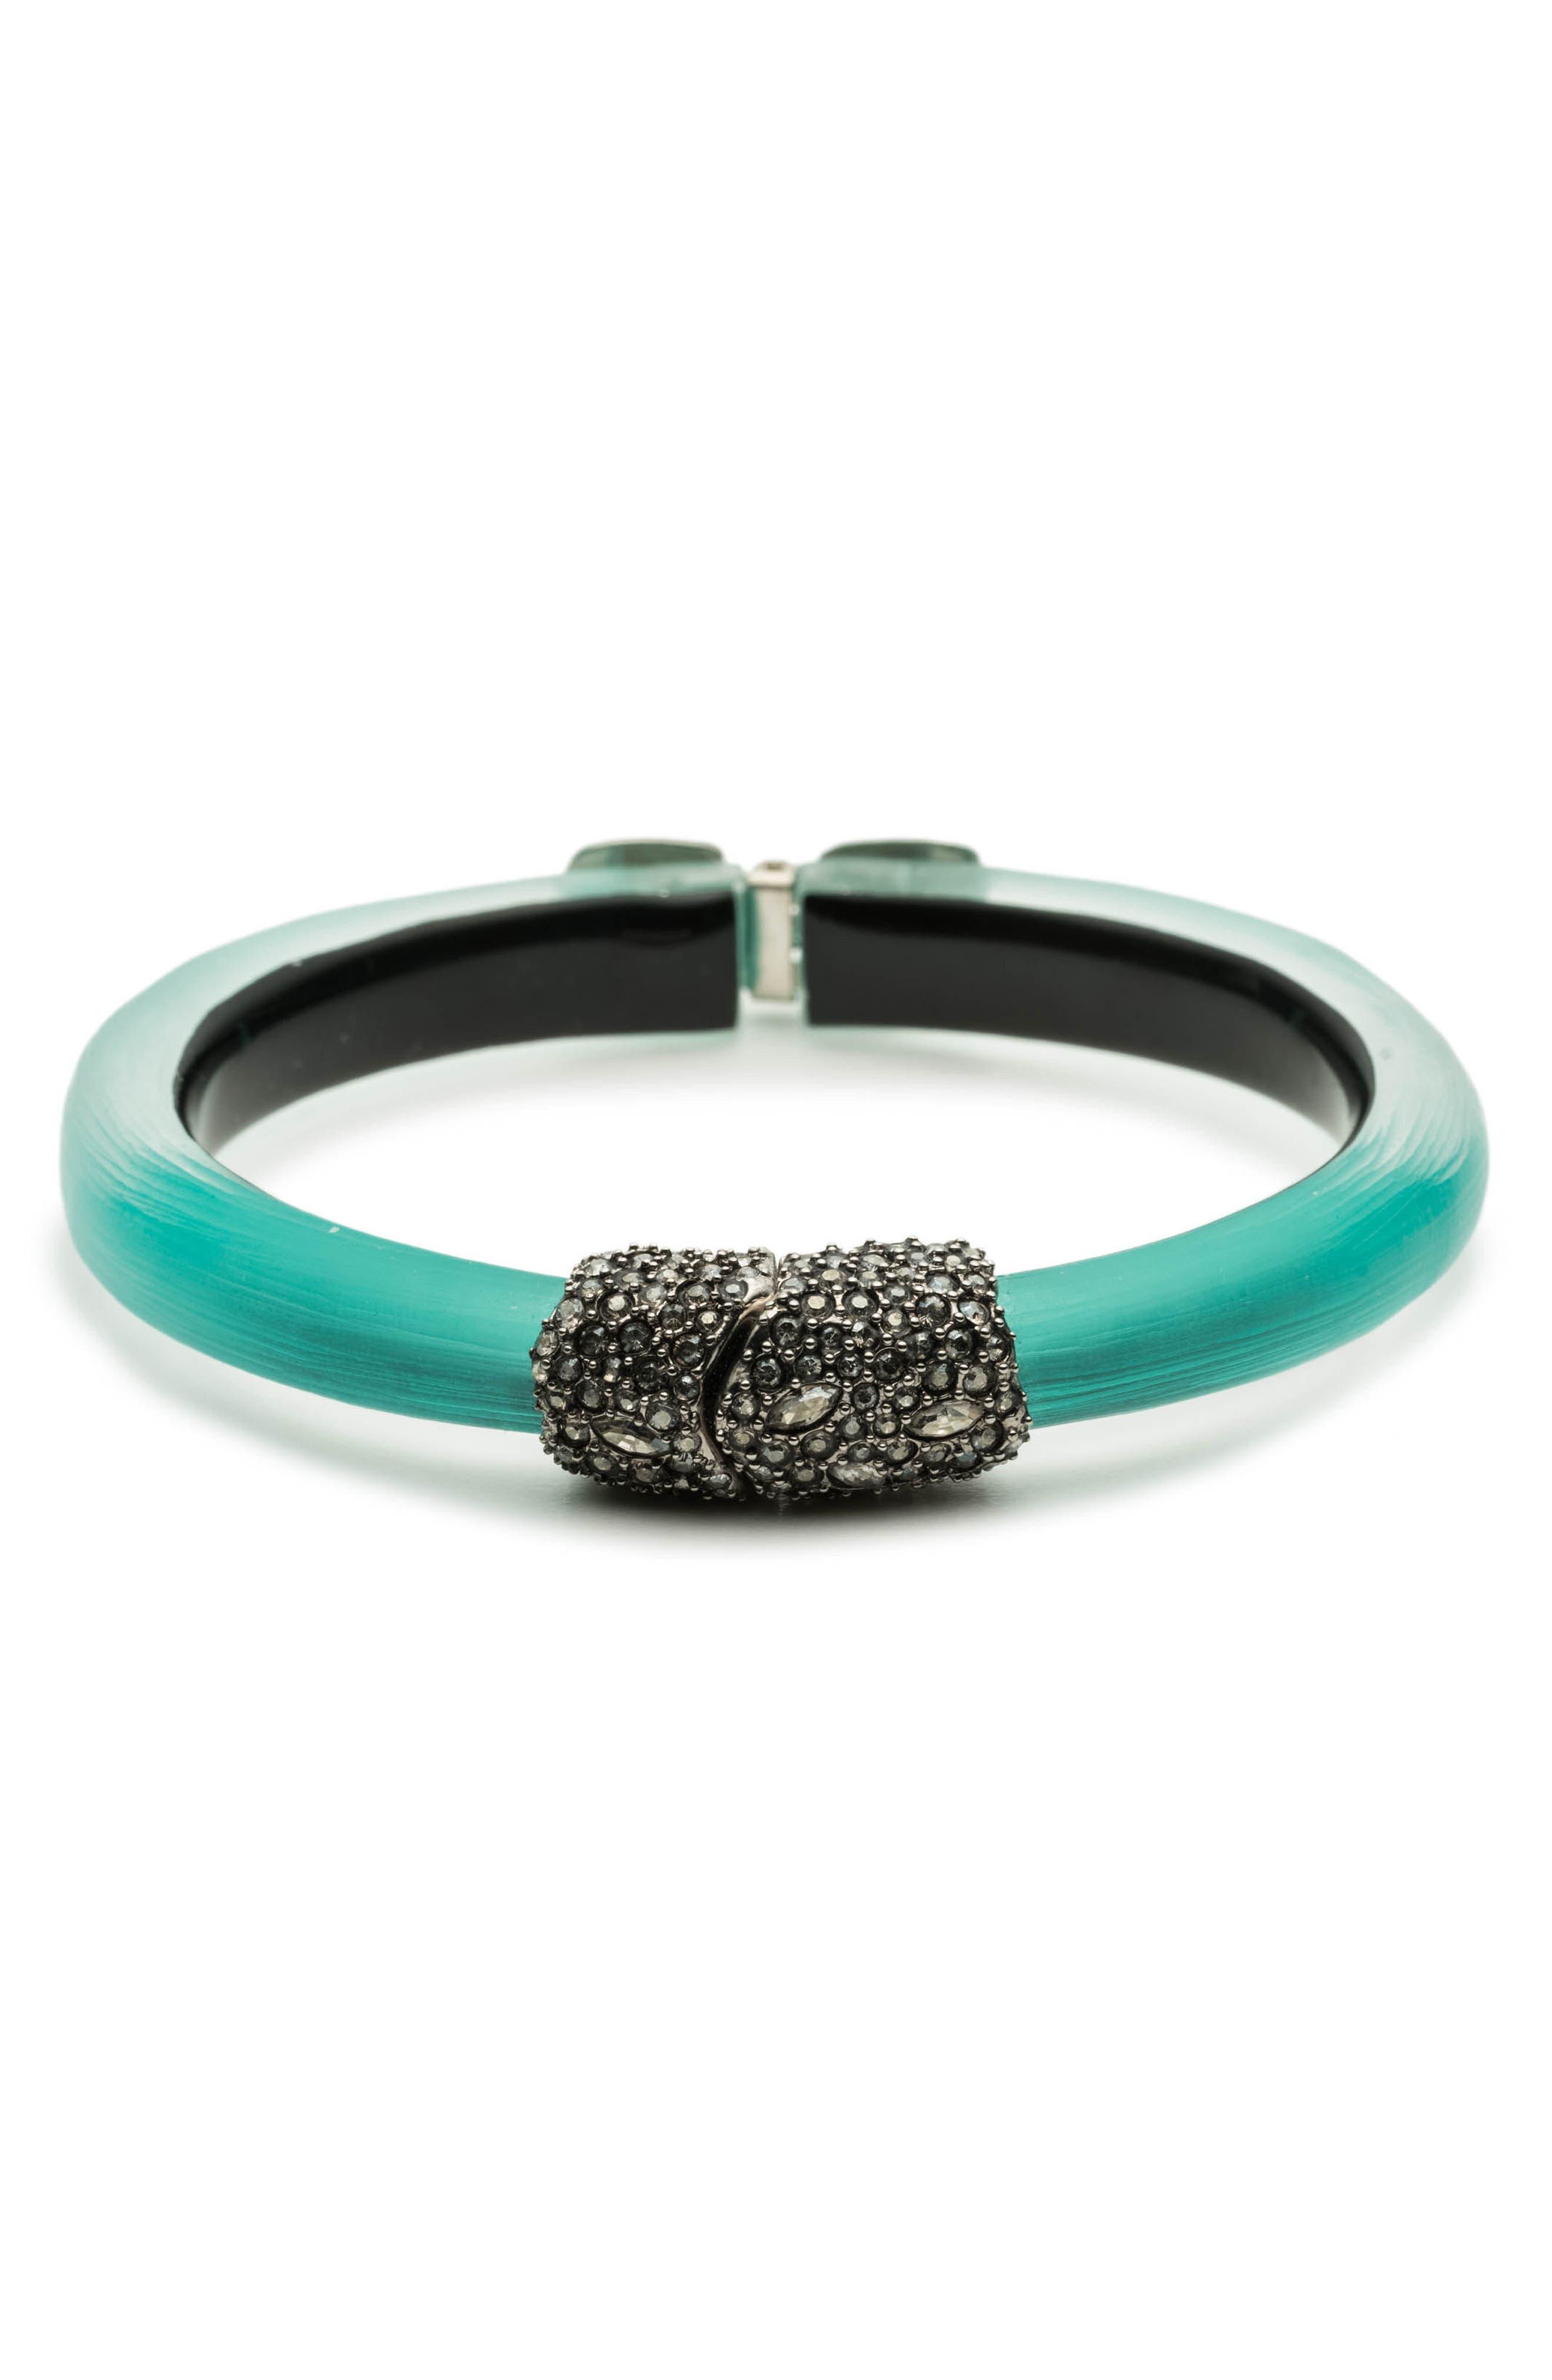 Skinny Hinge Bracelet,                             Main thumbnail 1, color,                             Mint Green